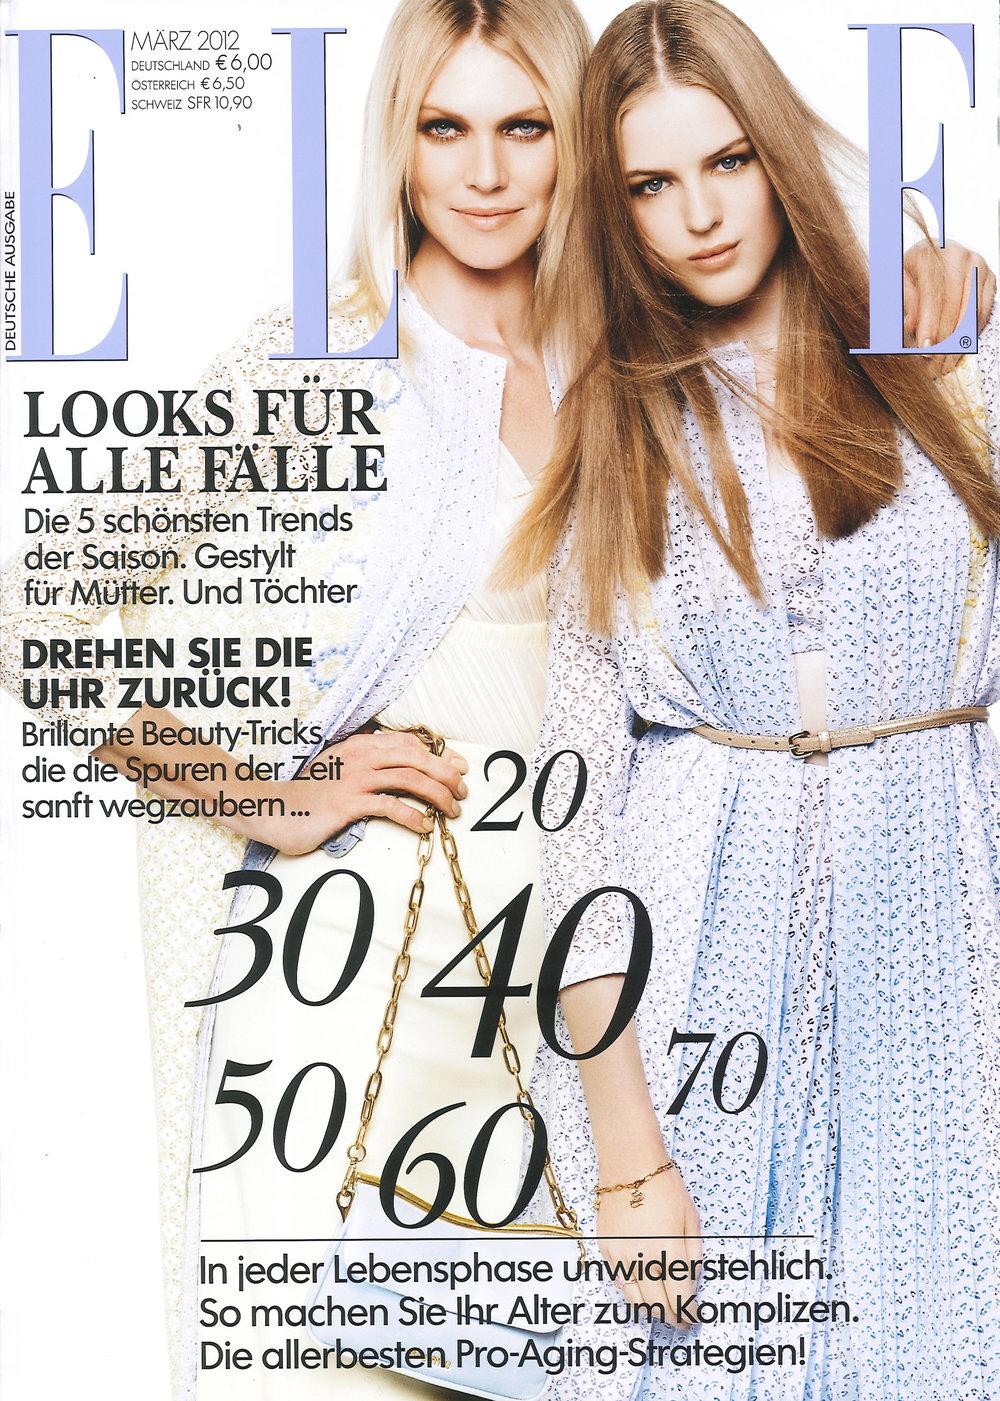 German Elle_Mar 2012.jpg